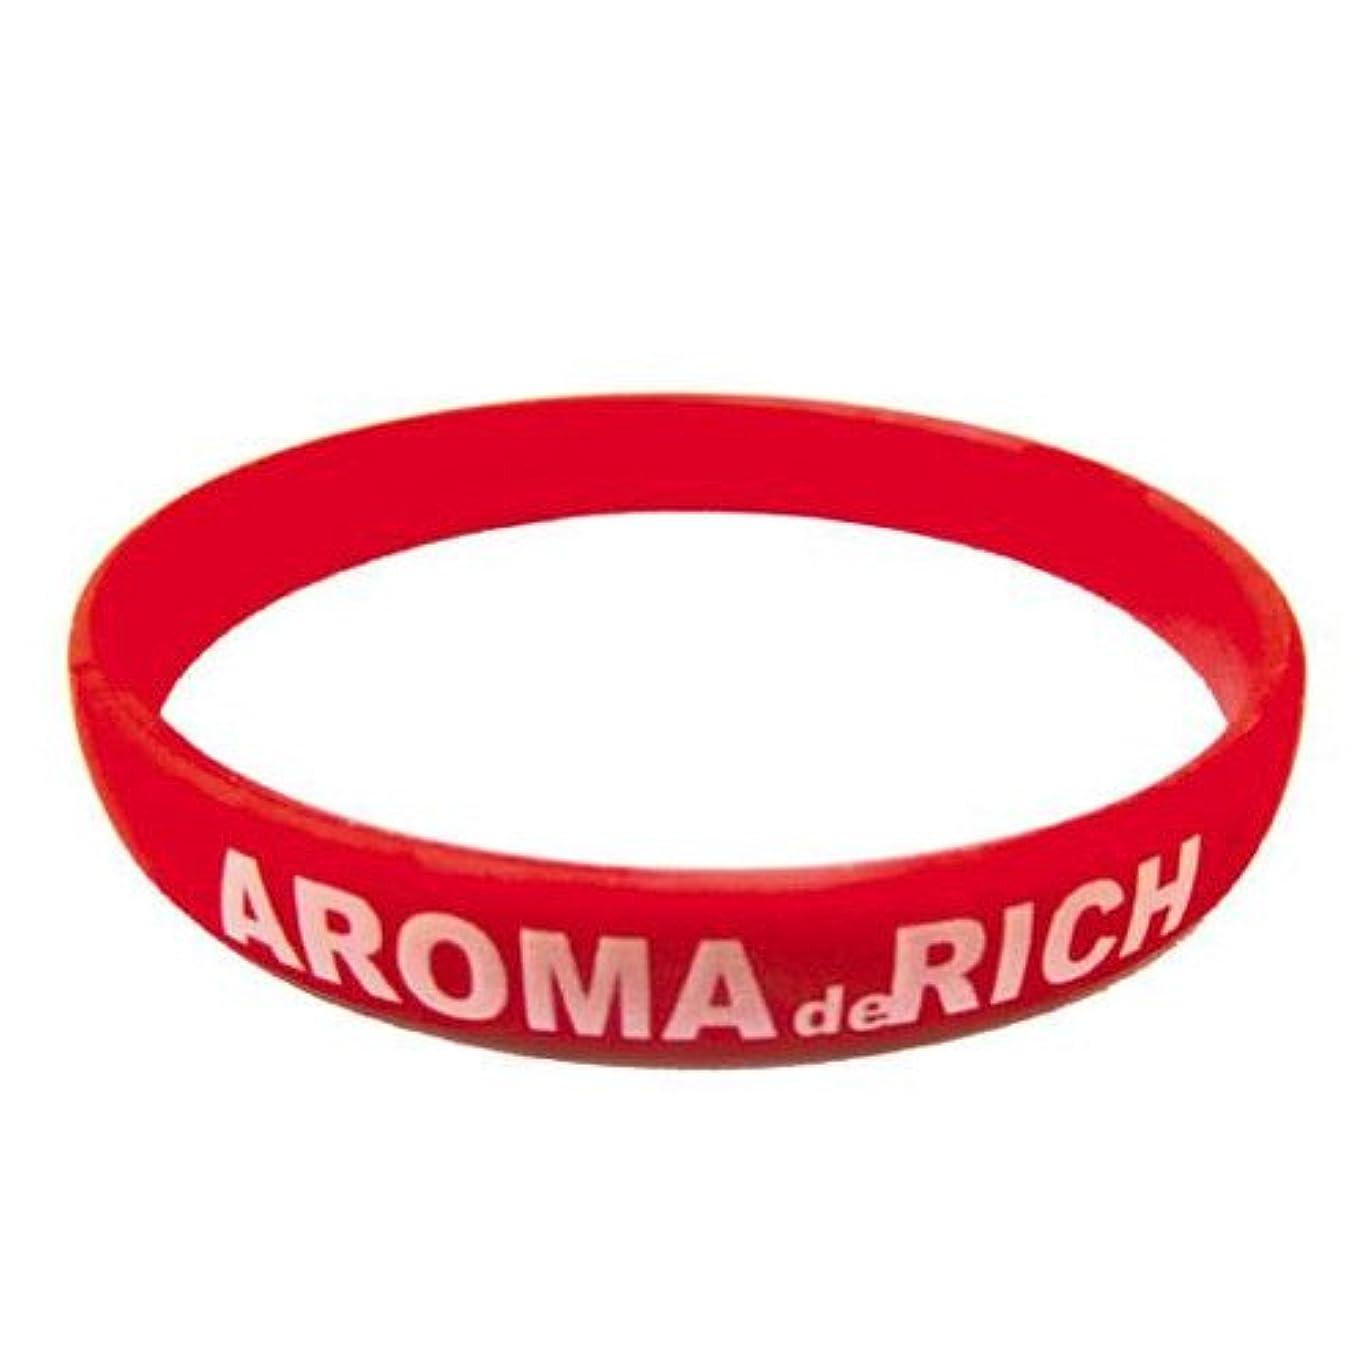 キャプテンブライ本物大胆AROMA DE RICH?BRACE アロマブレスB 2個セット フラワーフレグランス